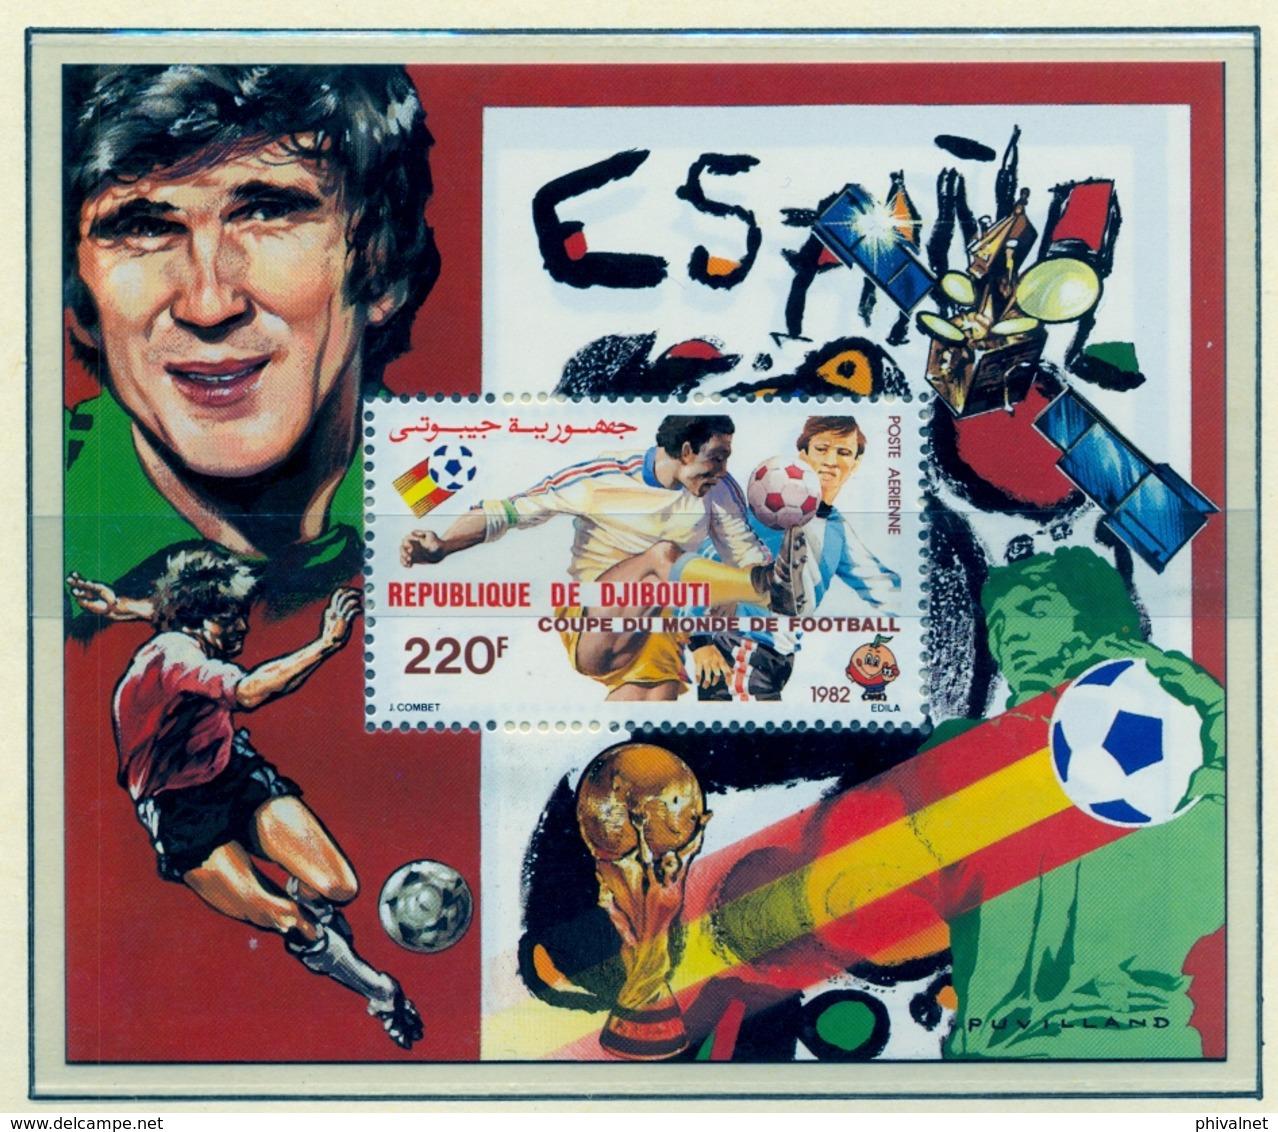 CAMPEONATO DEL MUNDO DE FÚTBOL , ESPAÑA 82 , HOJA BLOQUE ** , EXCELENTE CALIDAD ,  DJIBOUTI - Fußball-Weltmeisterschaft